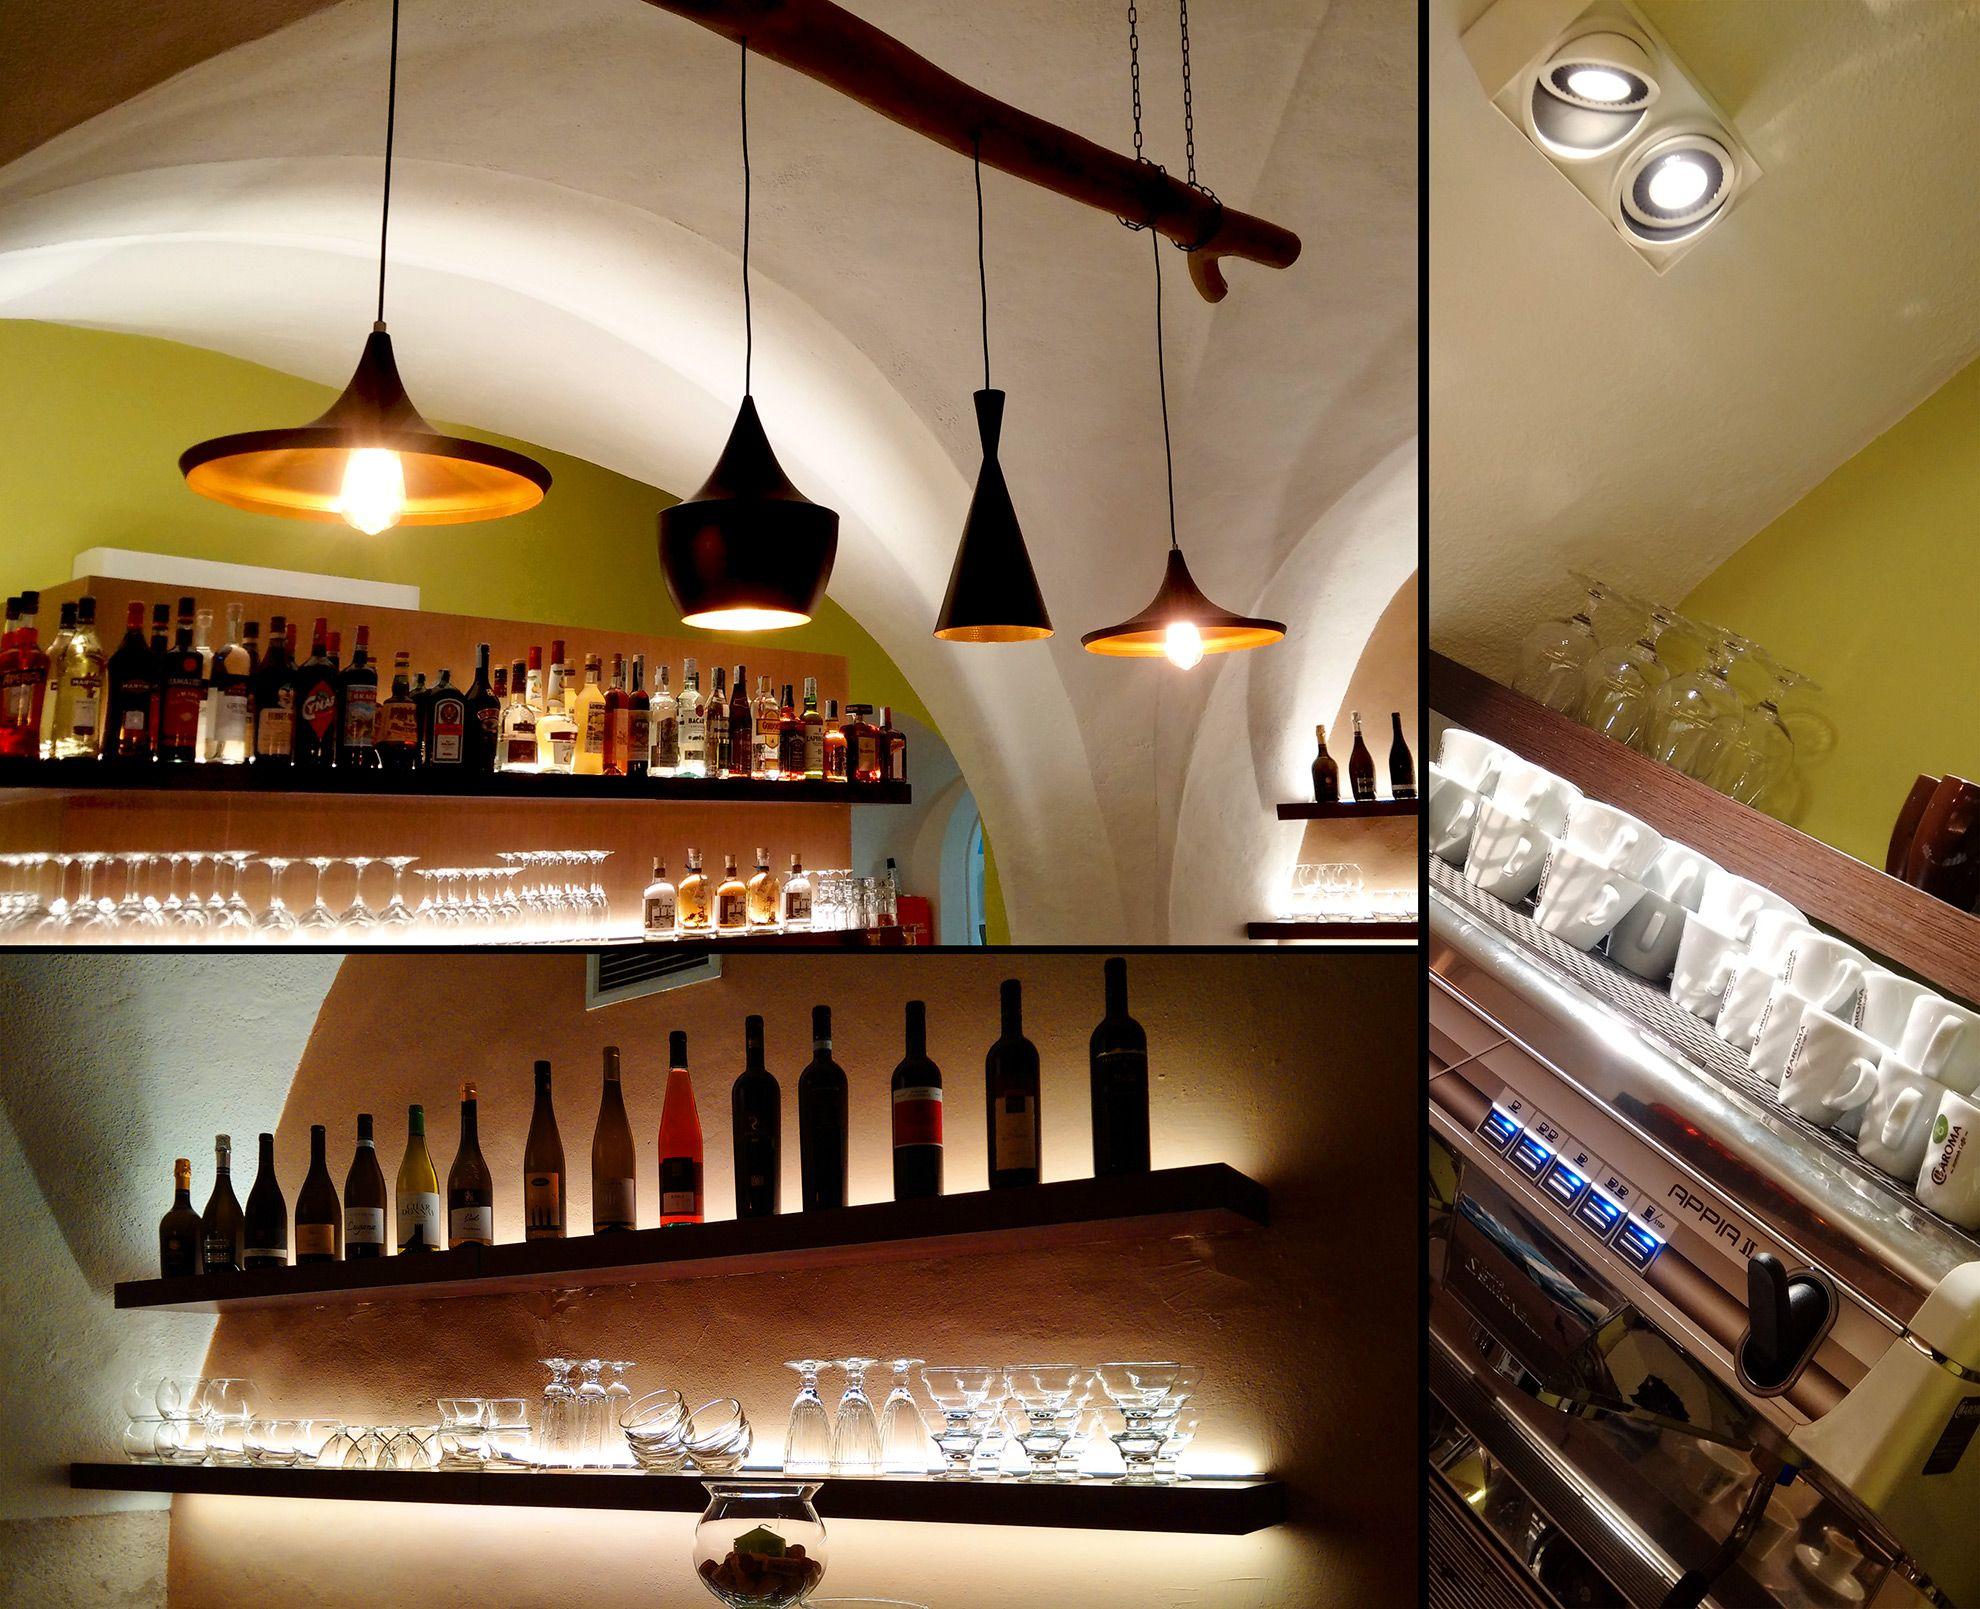 Pizzera Mediterranea Meran Klosterpassage Lifestyle Hangelampen Beleuchtung Sospensione Lampen Decor